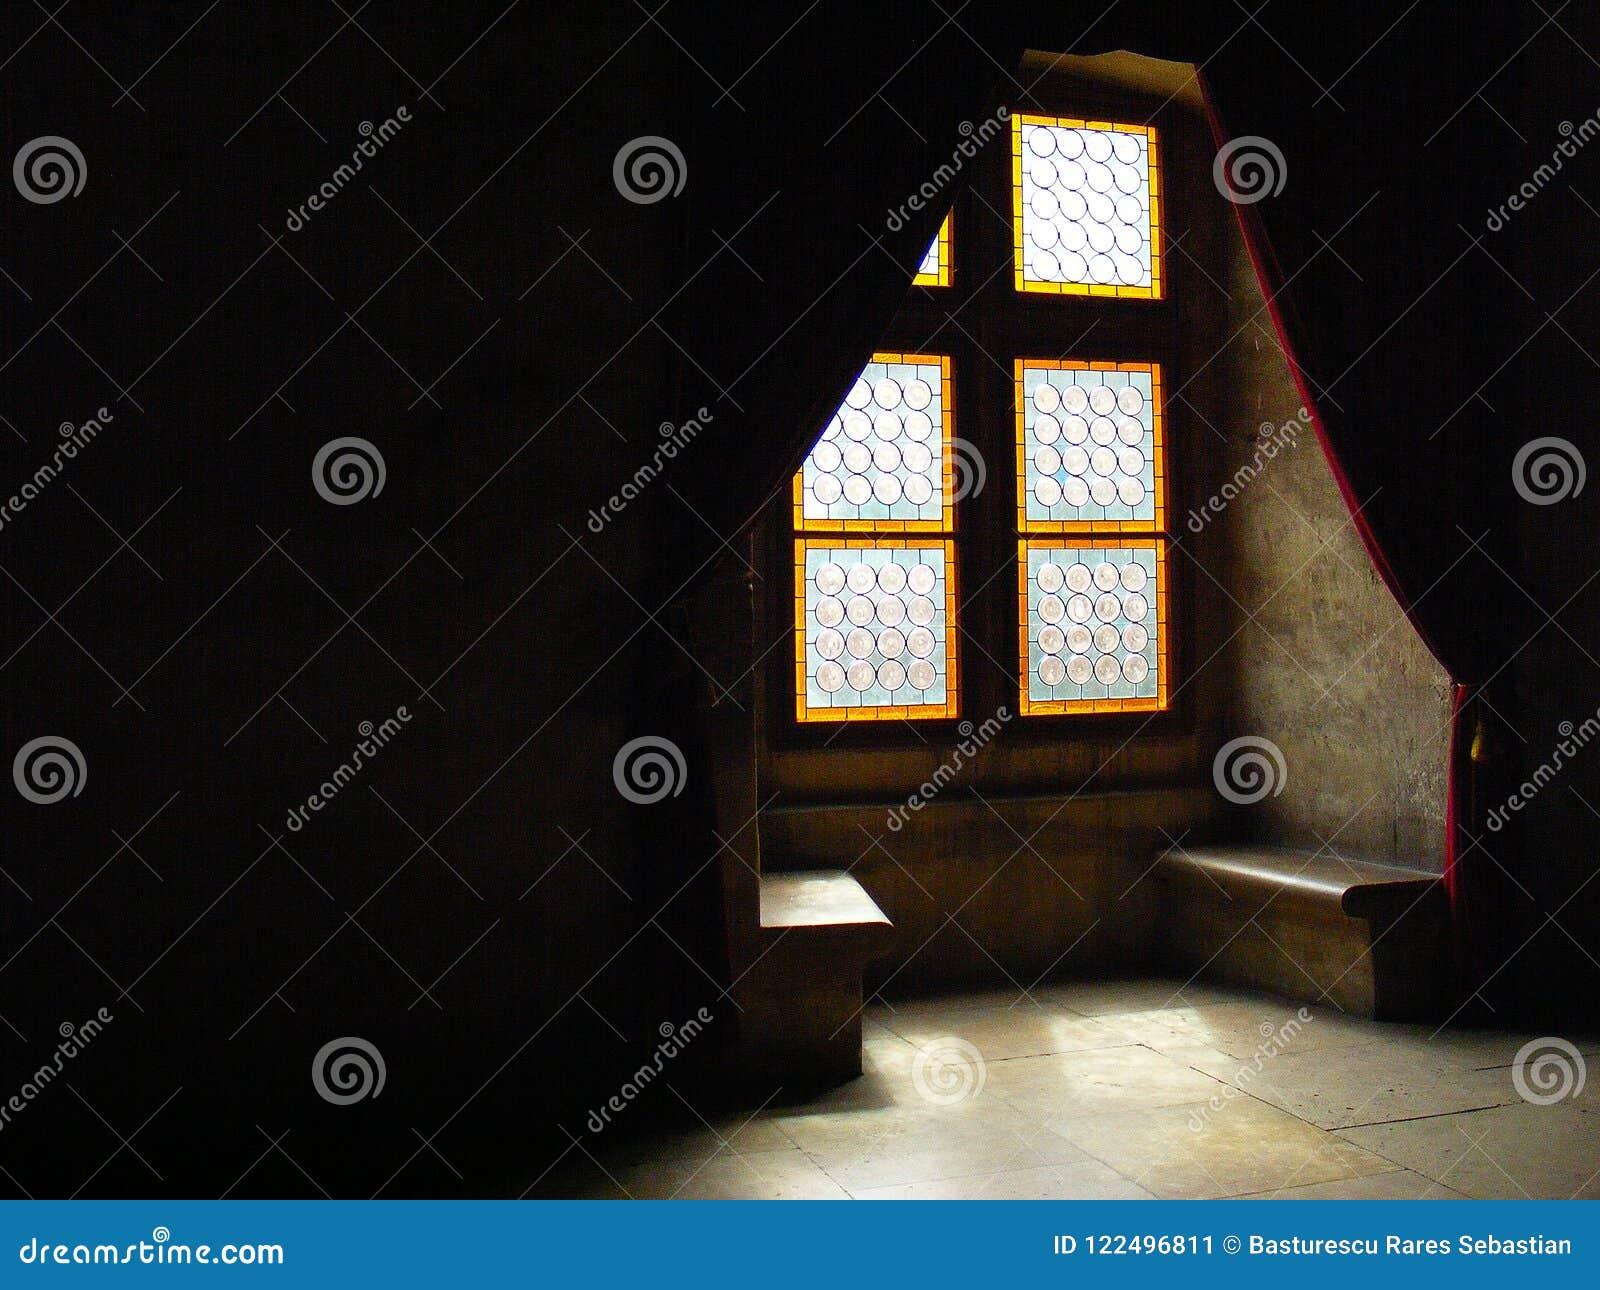 Corvin kasztelu hunedoara Transylvania huniazilor historia gothic